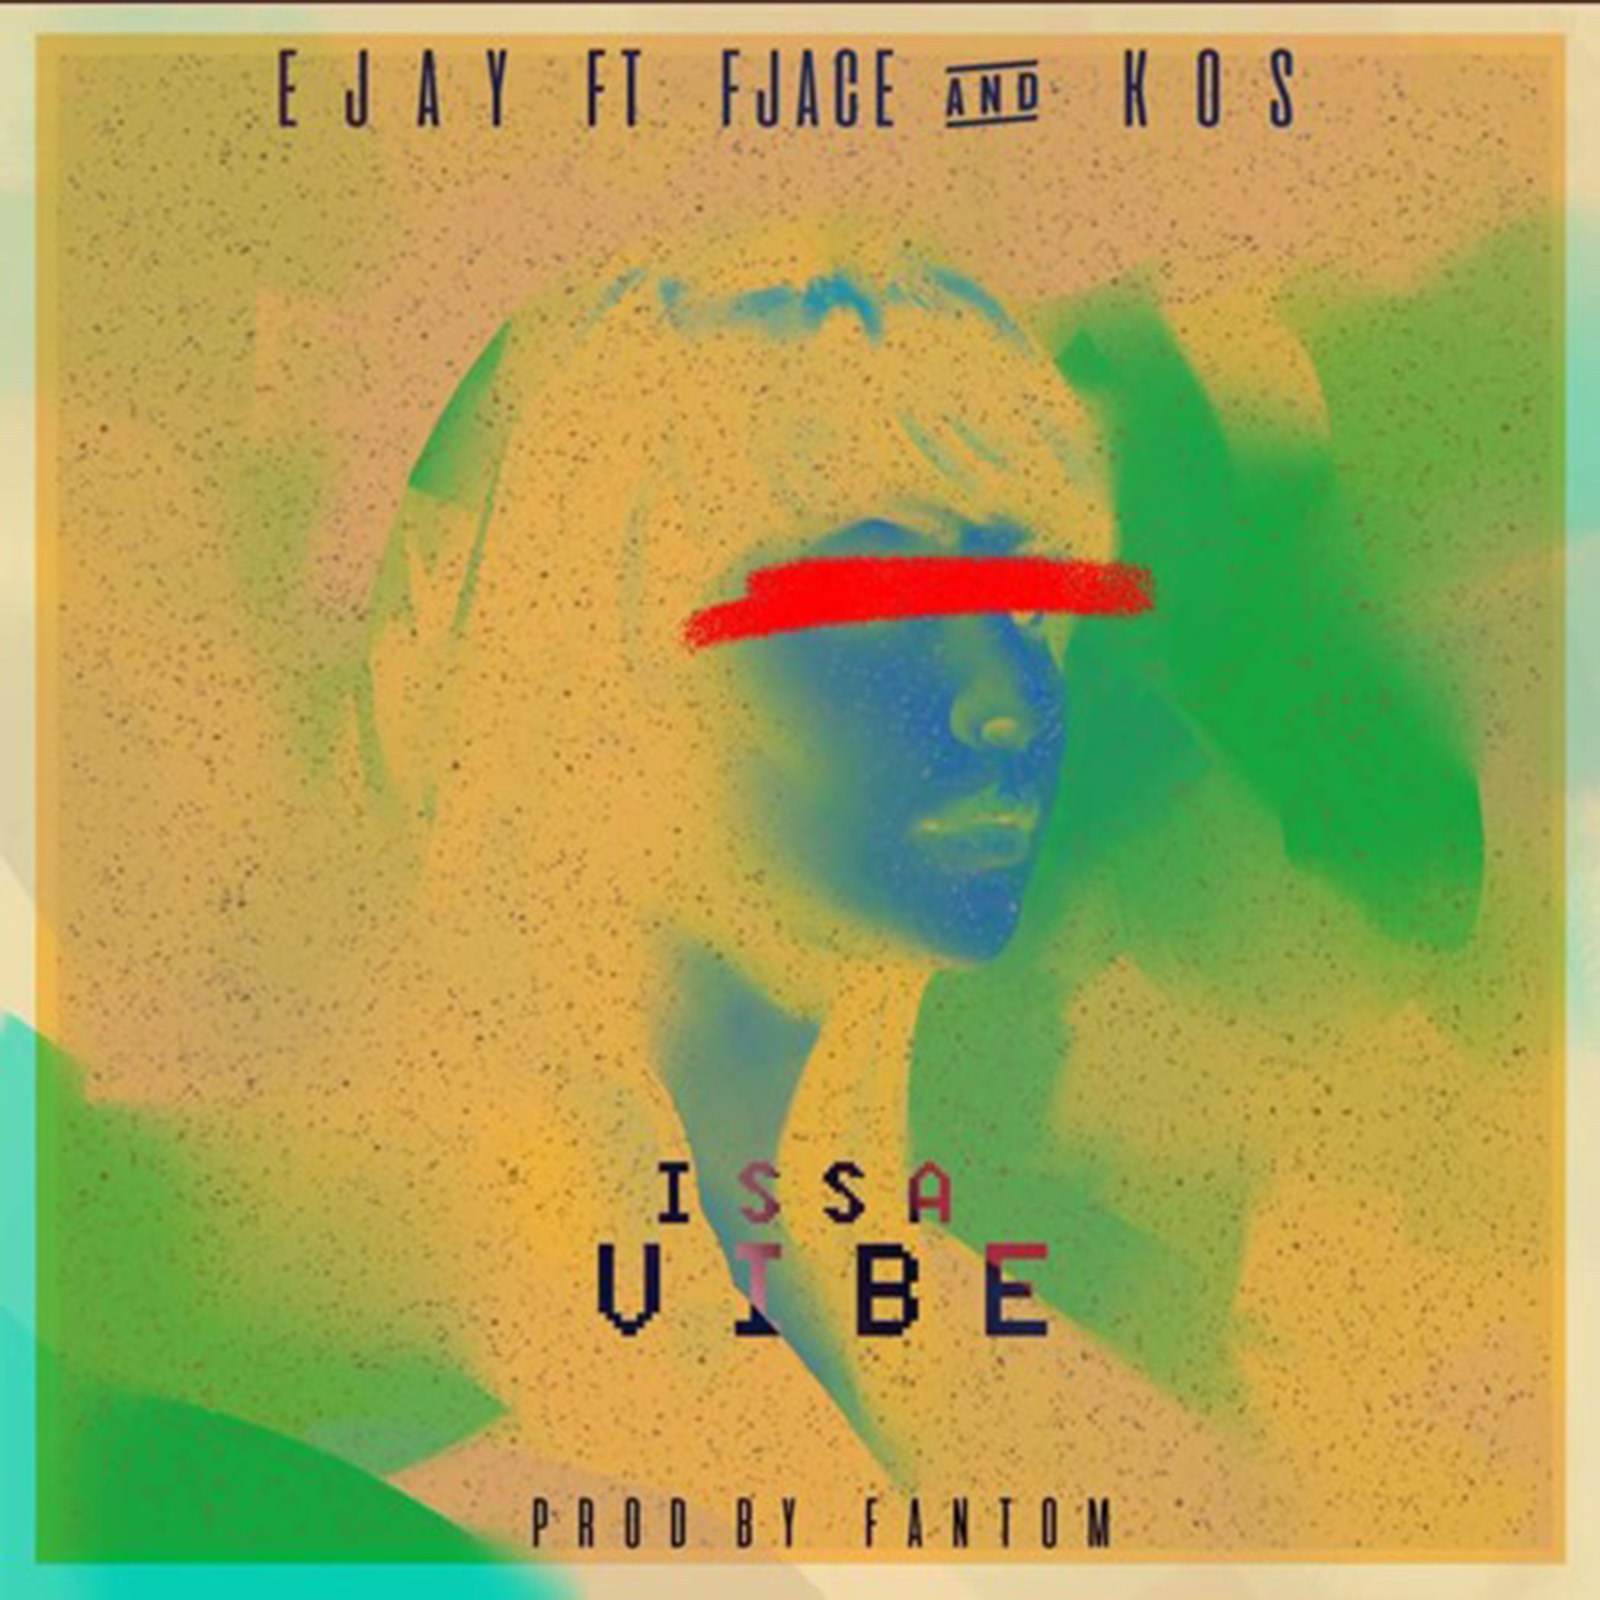 Issa Vibe by Ejay feat. FJace & KOS